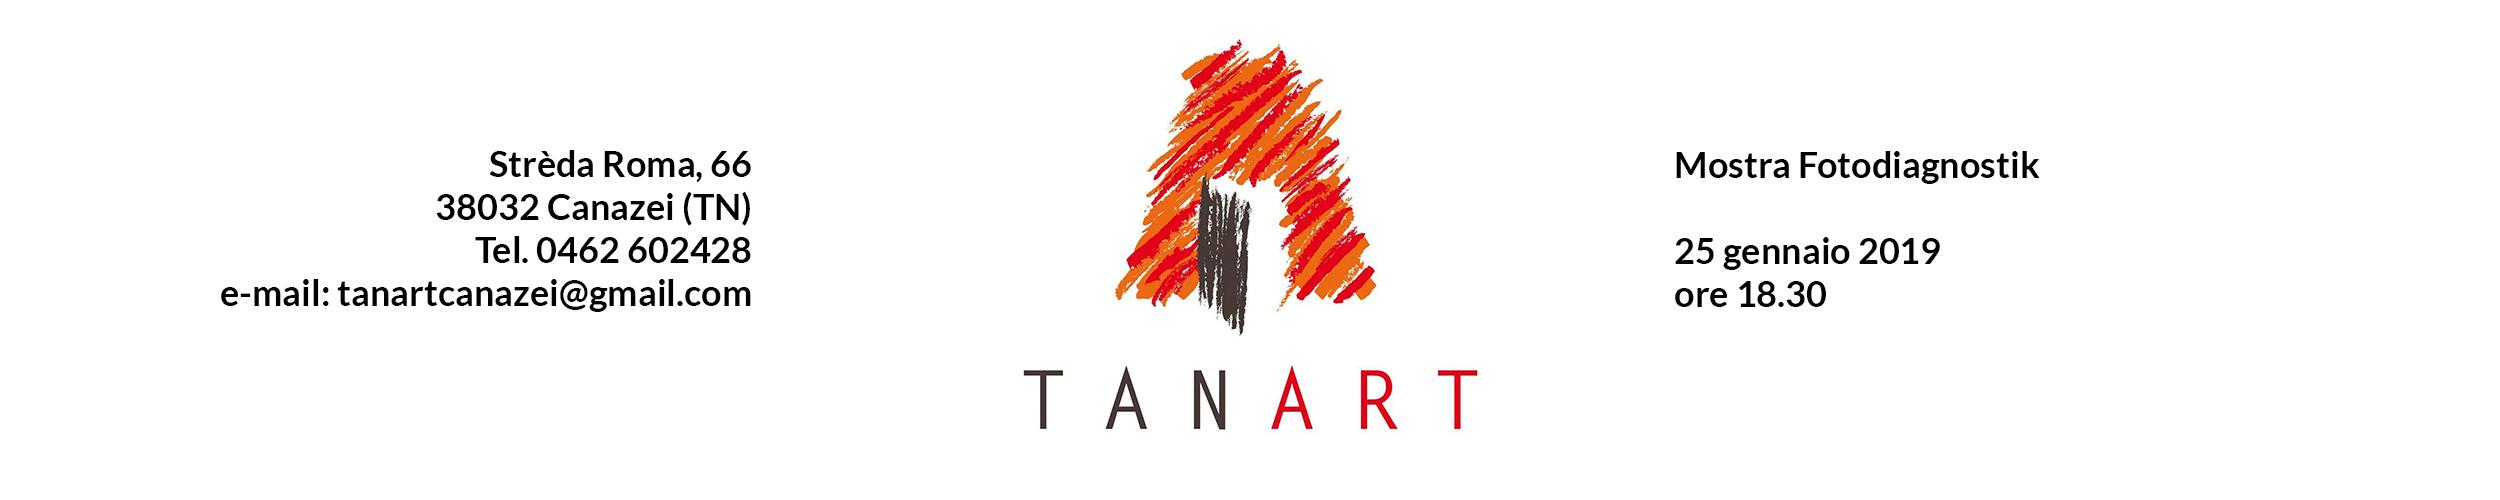 Tan-Art Galleria di Canazei – Mostra Fotodiagnostik